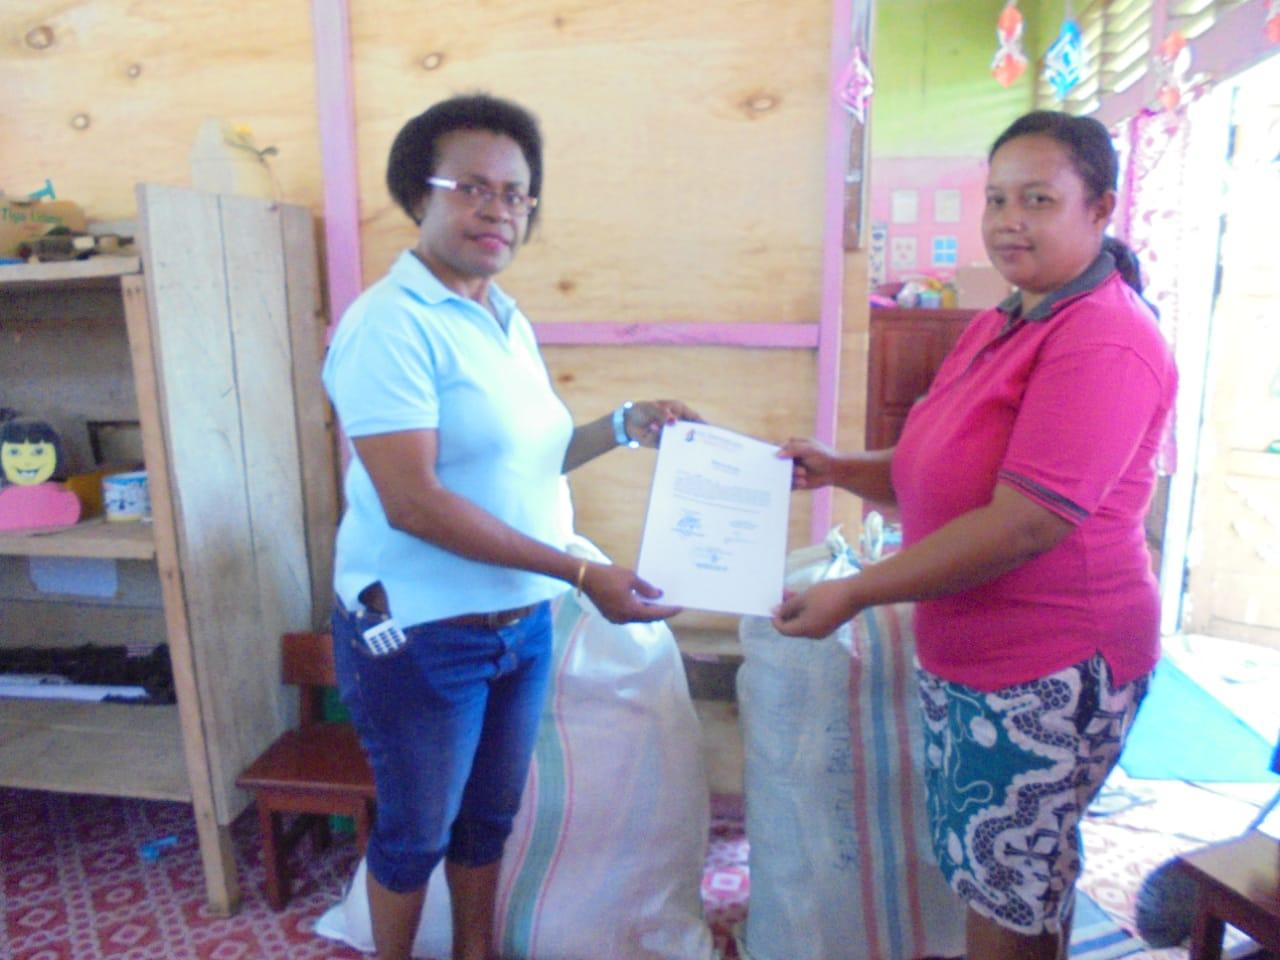 Pembagian Seragam Sekolah kepada salah satu Pengurus PAUD di Kabupaten Tambrauw